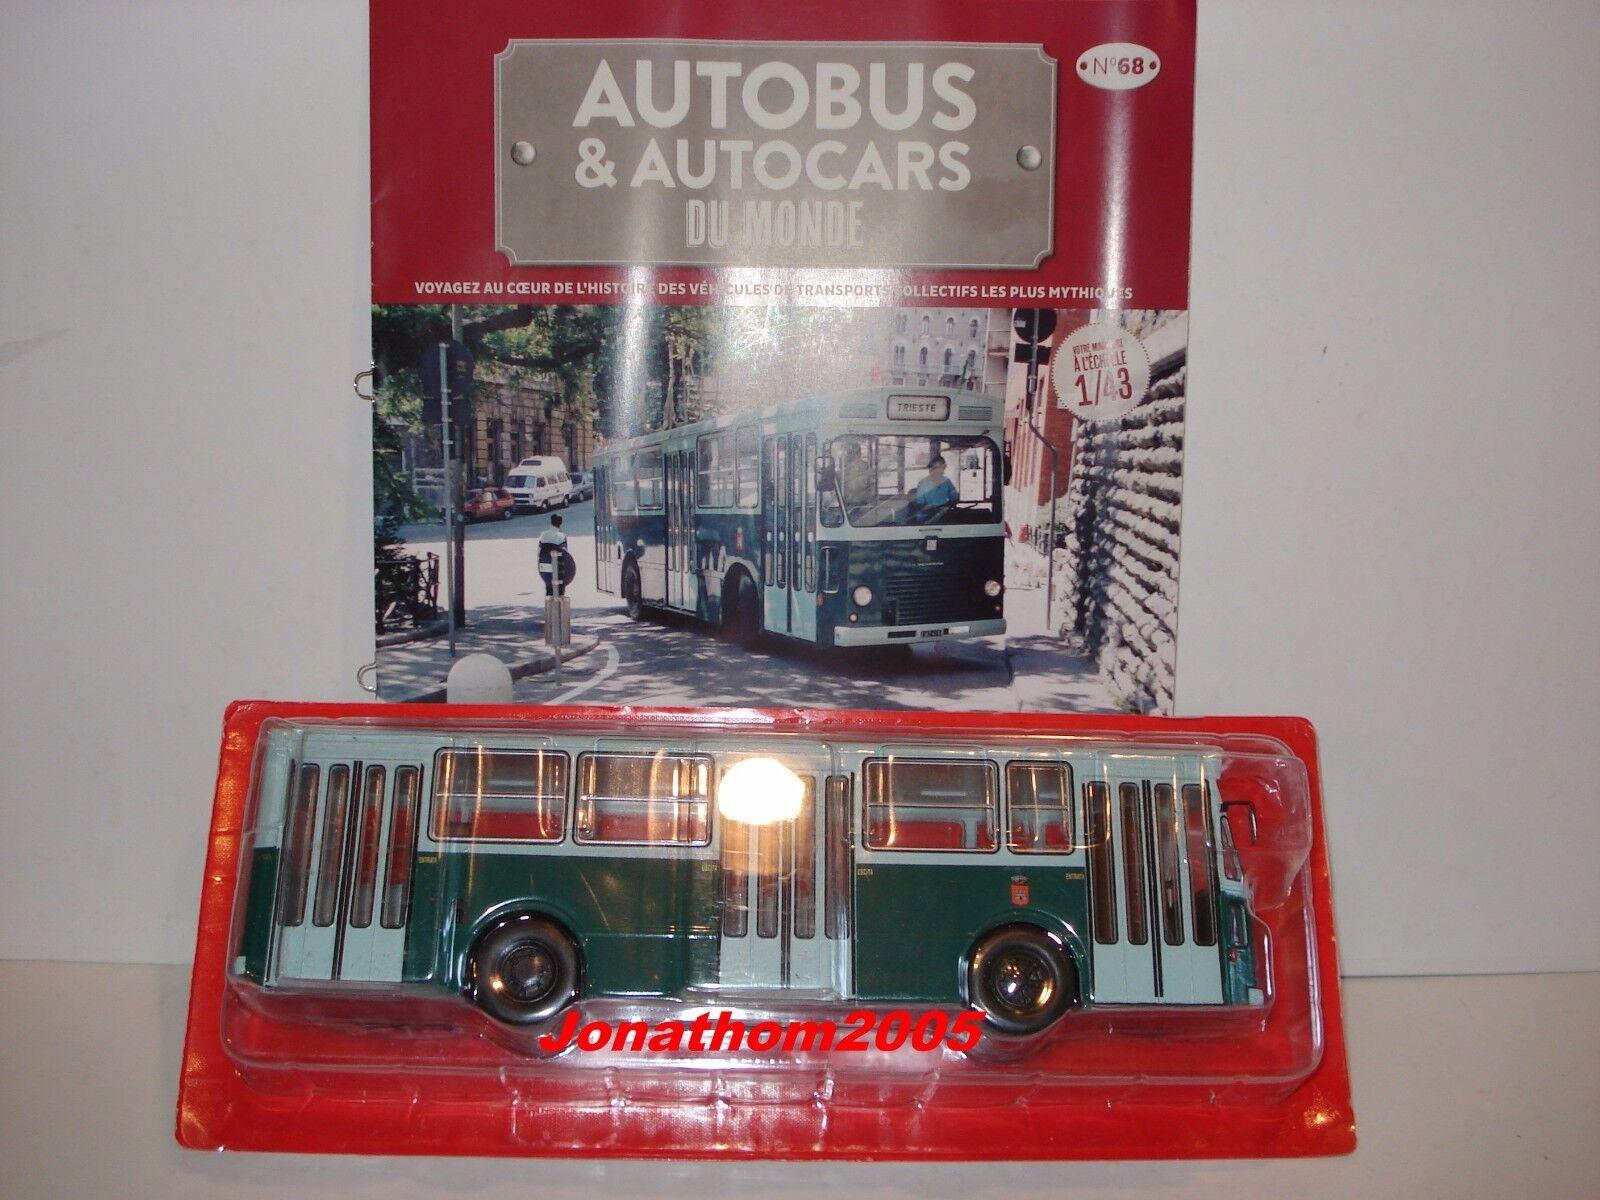 AUTOBúS & AUTOCARES DEL MUNDO FIAT 418 AC M M M MENARINI ITALIA 1975 au 1 43° c0a4e1